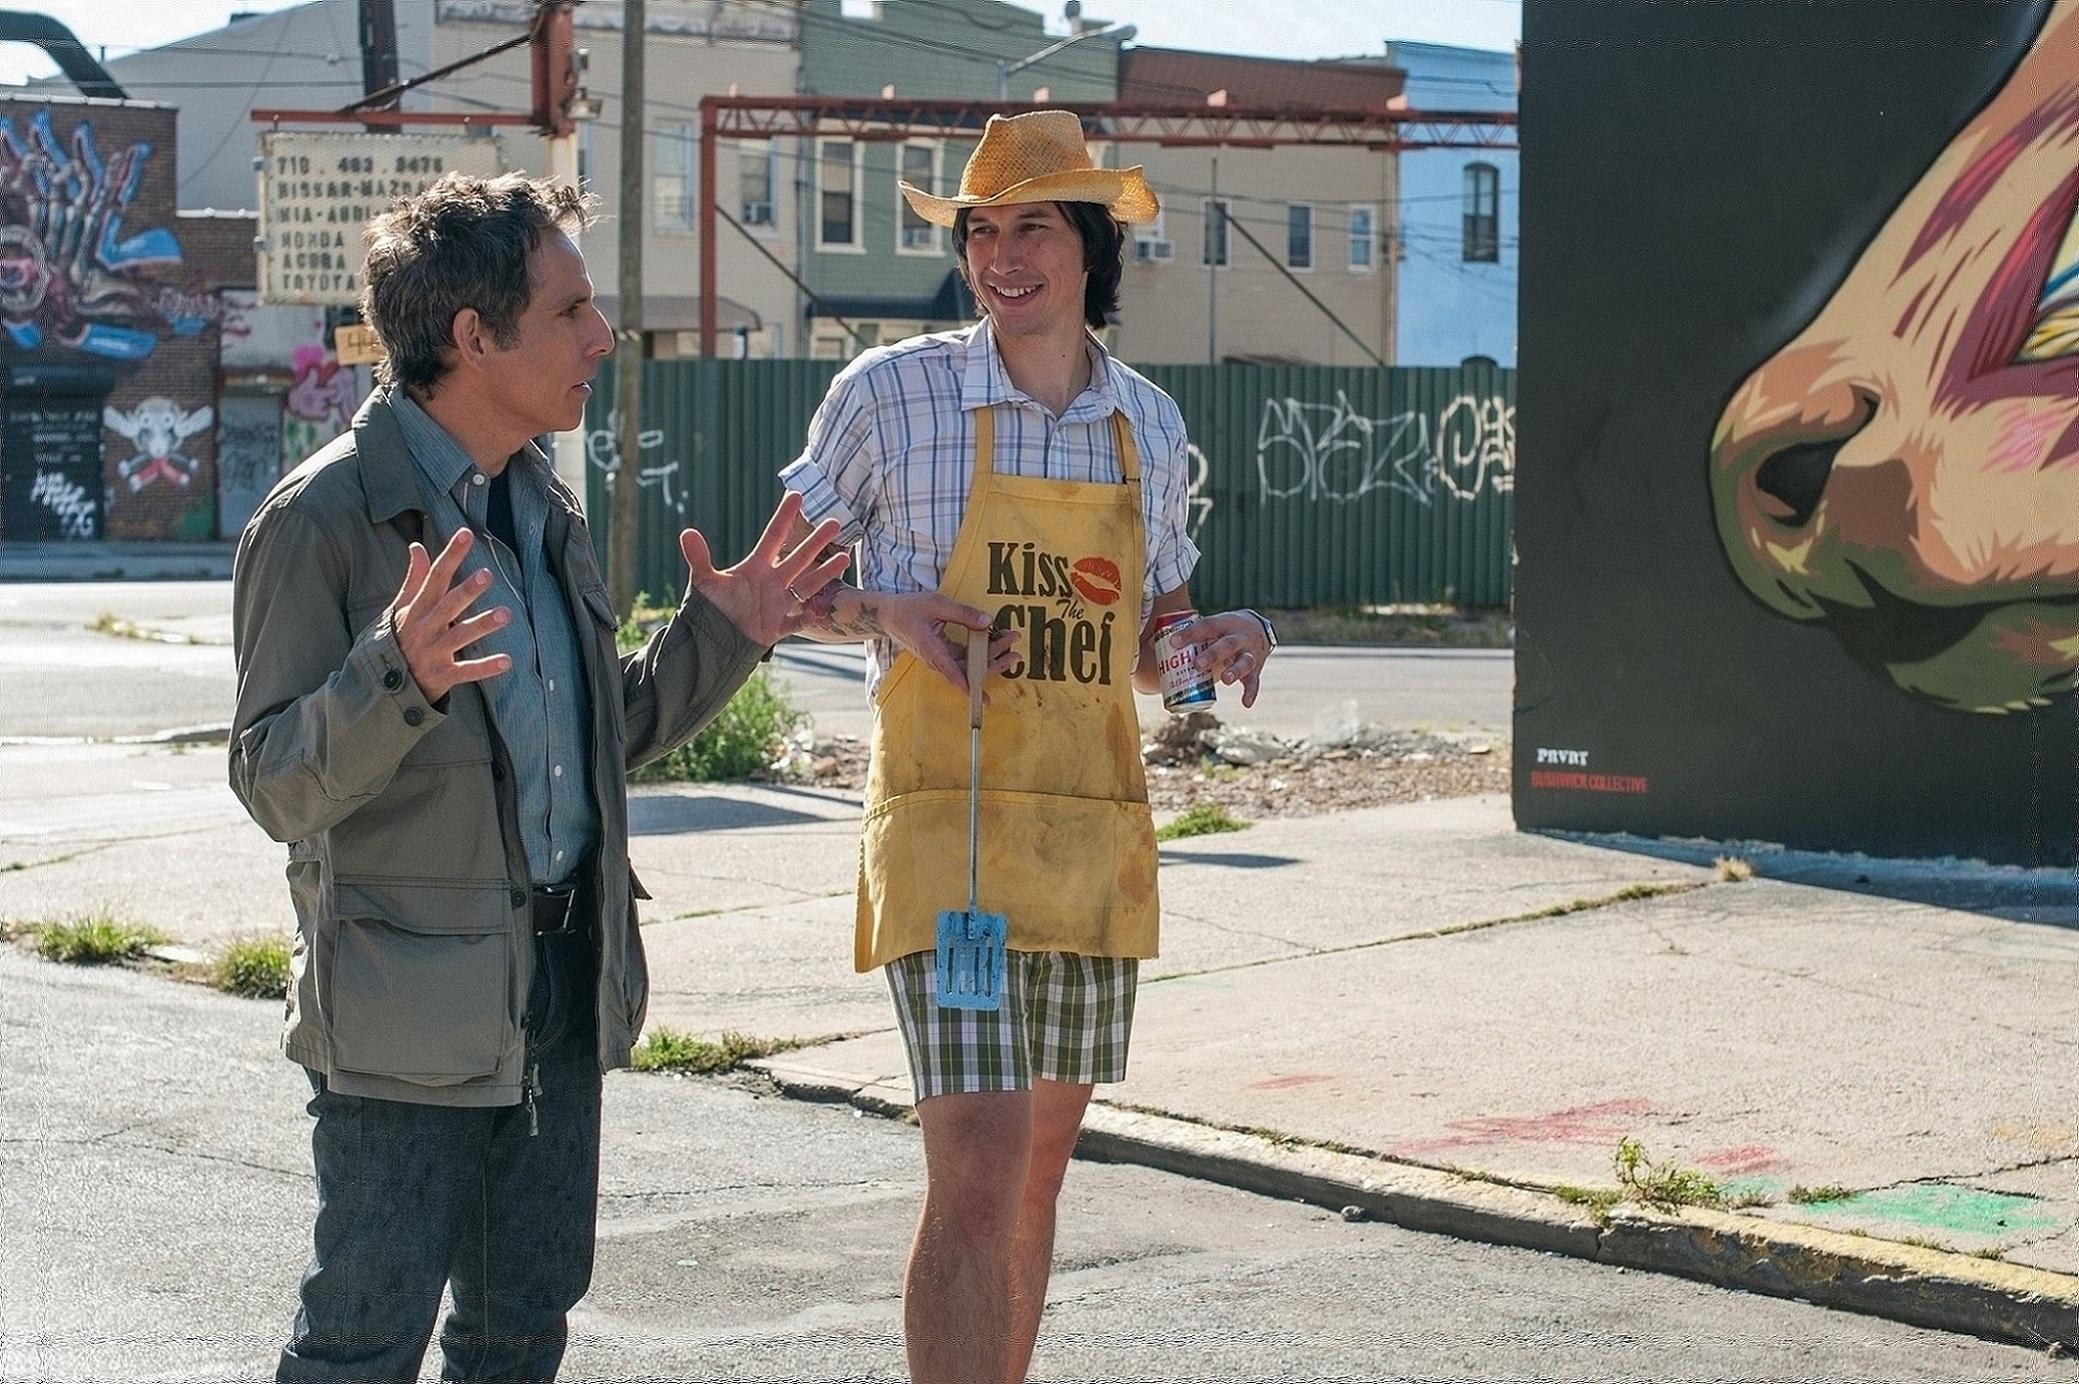 『ヤング・アダルト・ニューヨーク』 © 2014 InterActiveCorp Films, LLC.